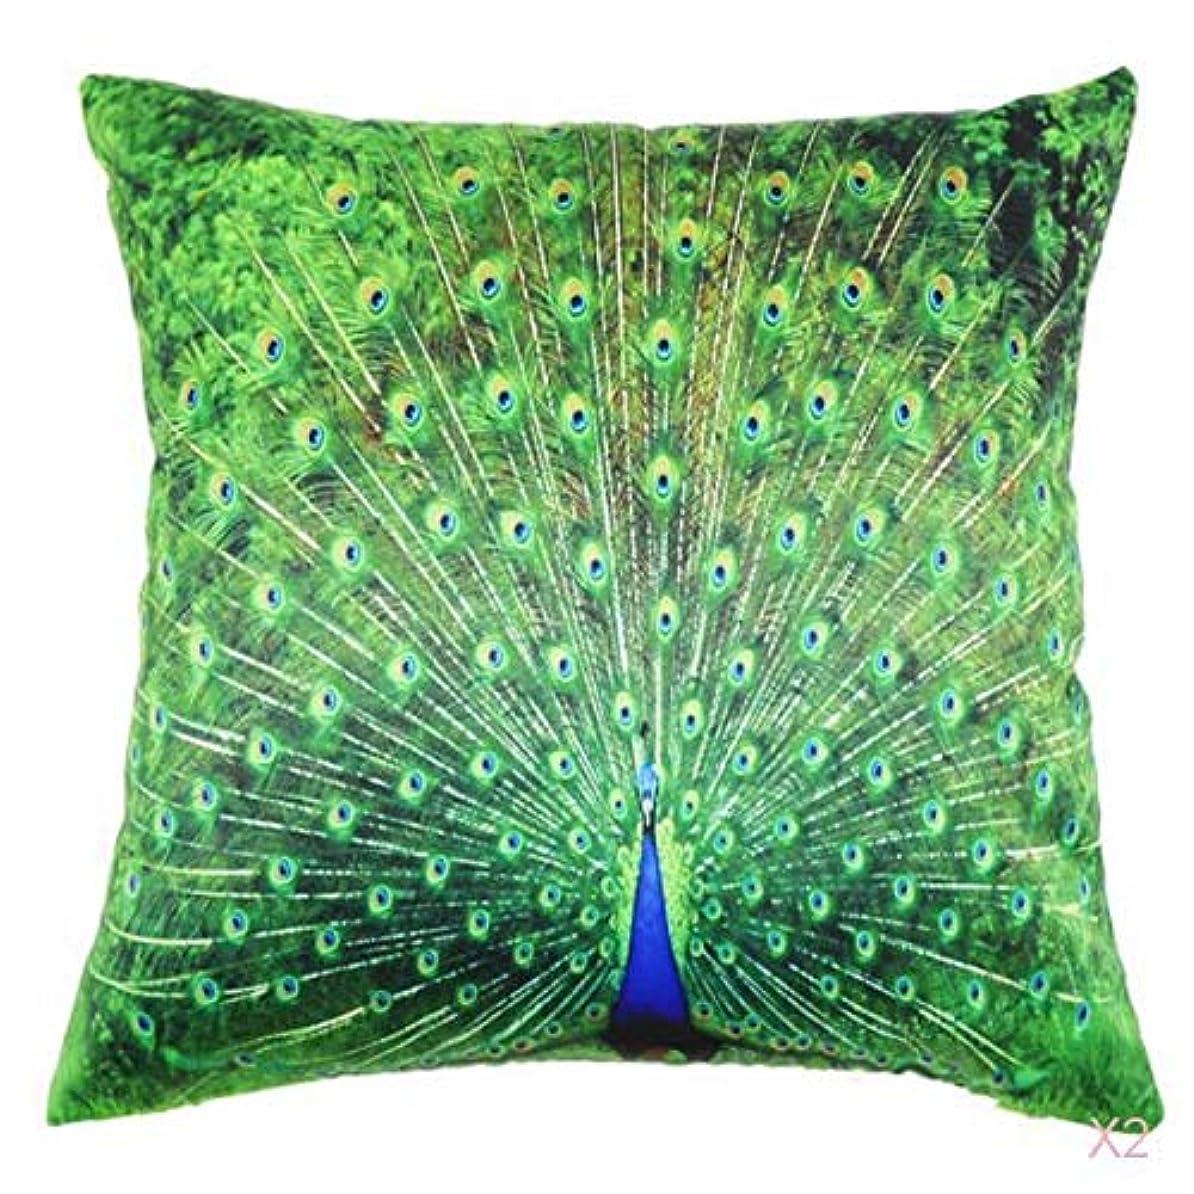 美的閉じるきらきら45センチメートル家の装飾スロー枕カバークッションカバーヴィンテージ孔雀のパターン04